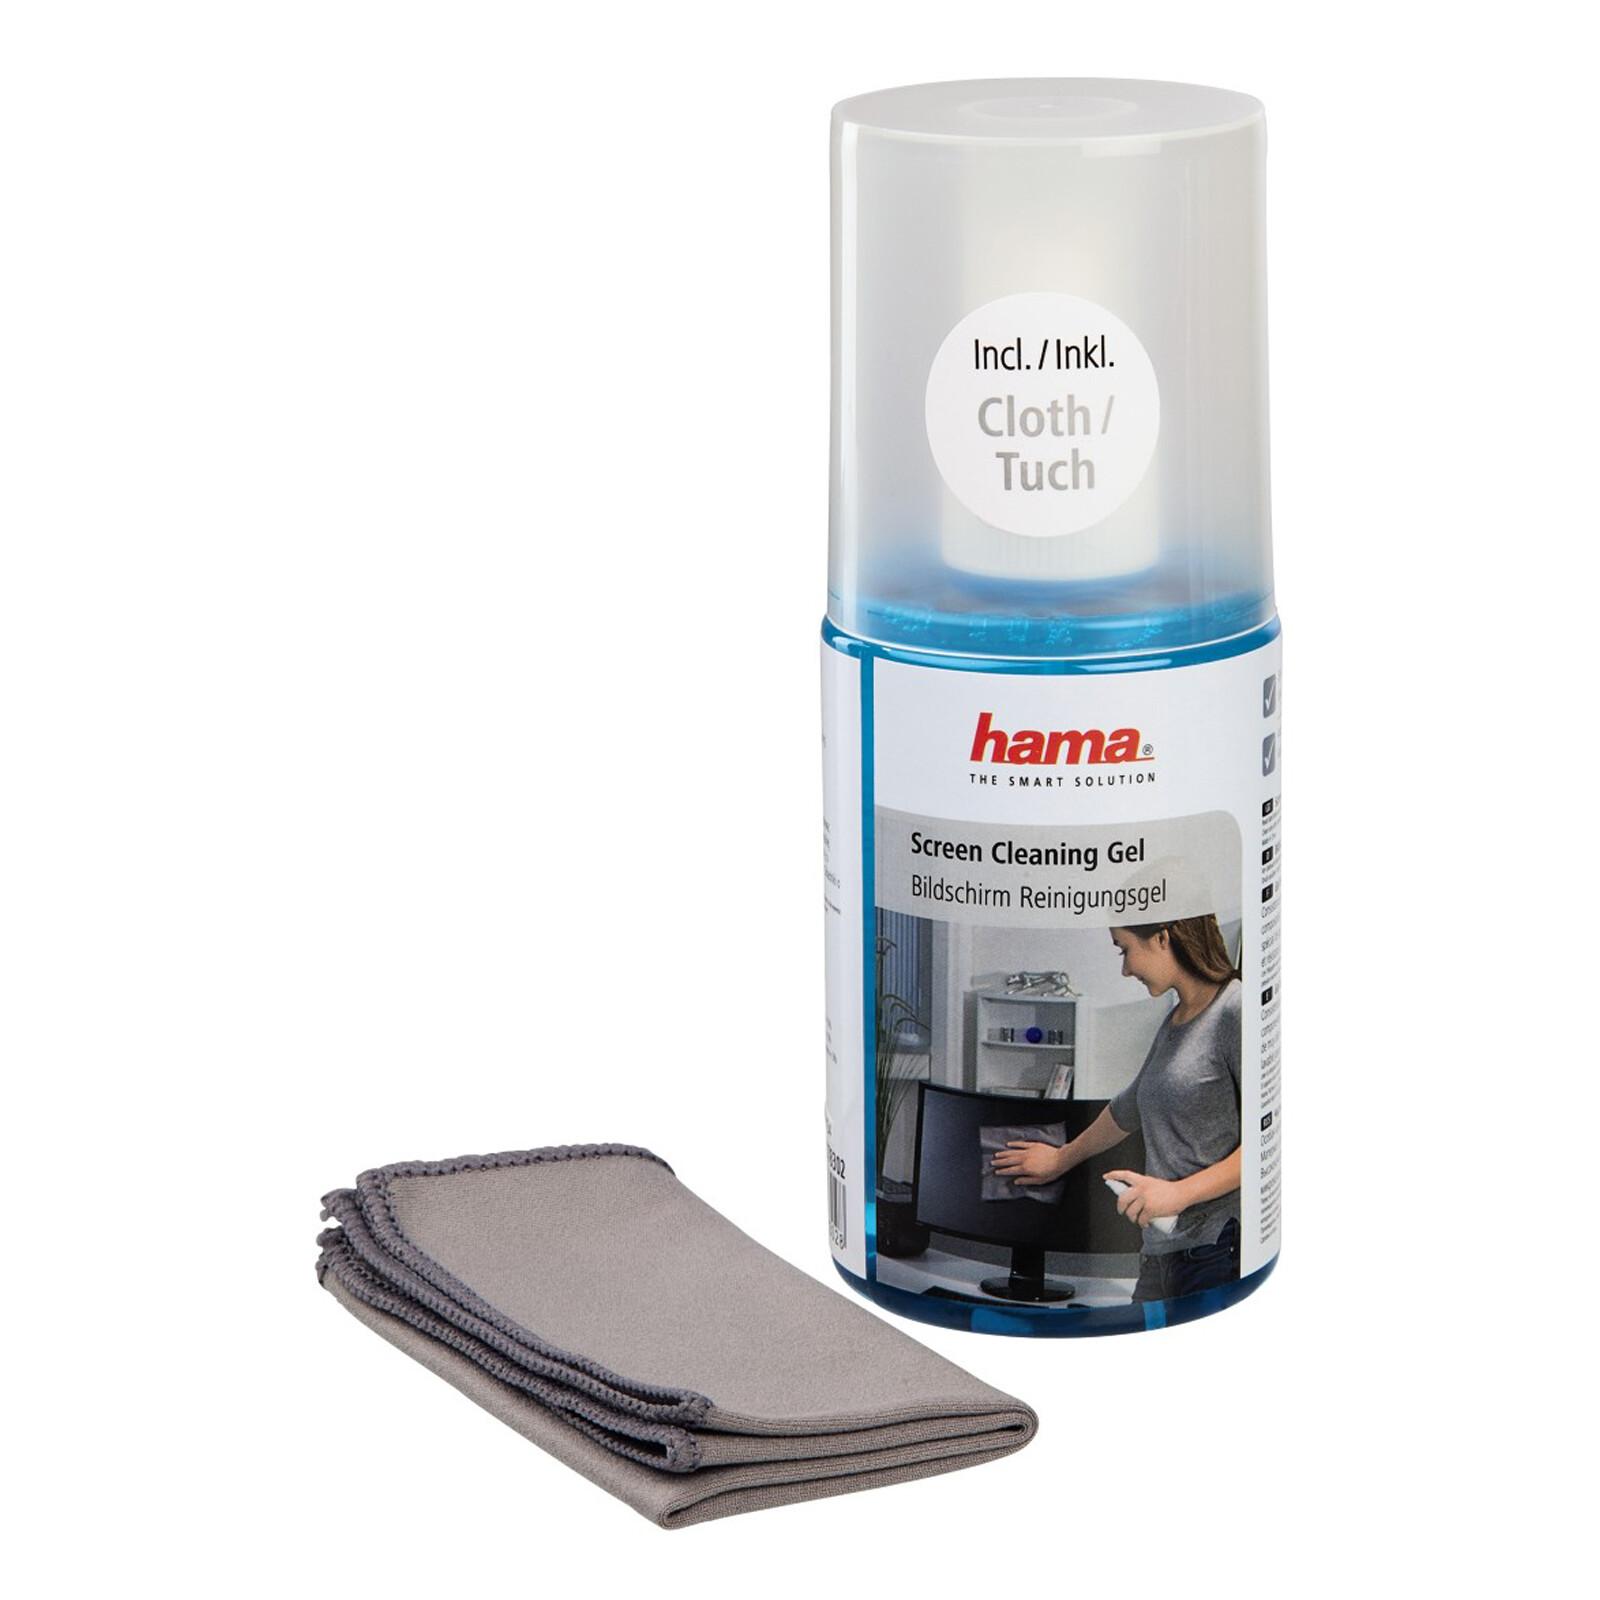 Hama Bildschirm Reinigungsgel inkl Tuch